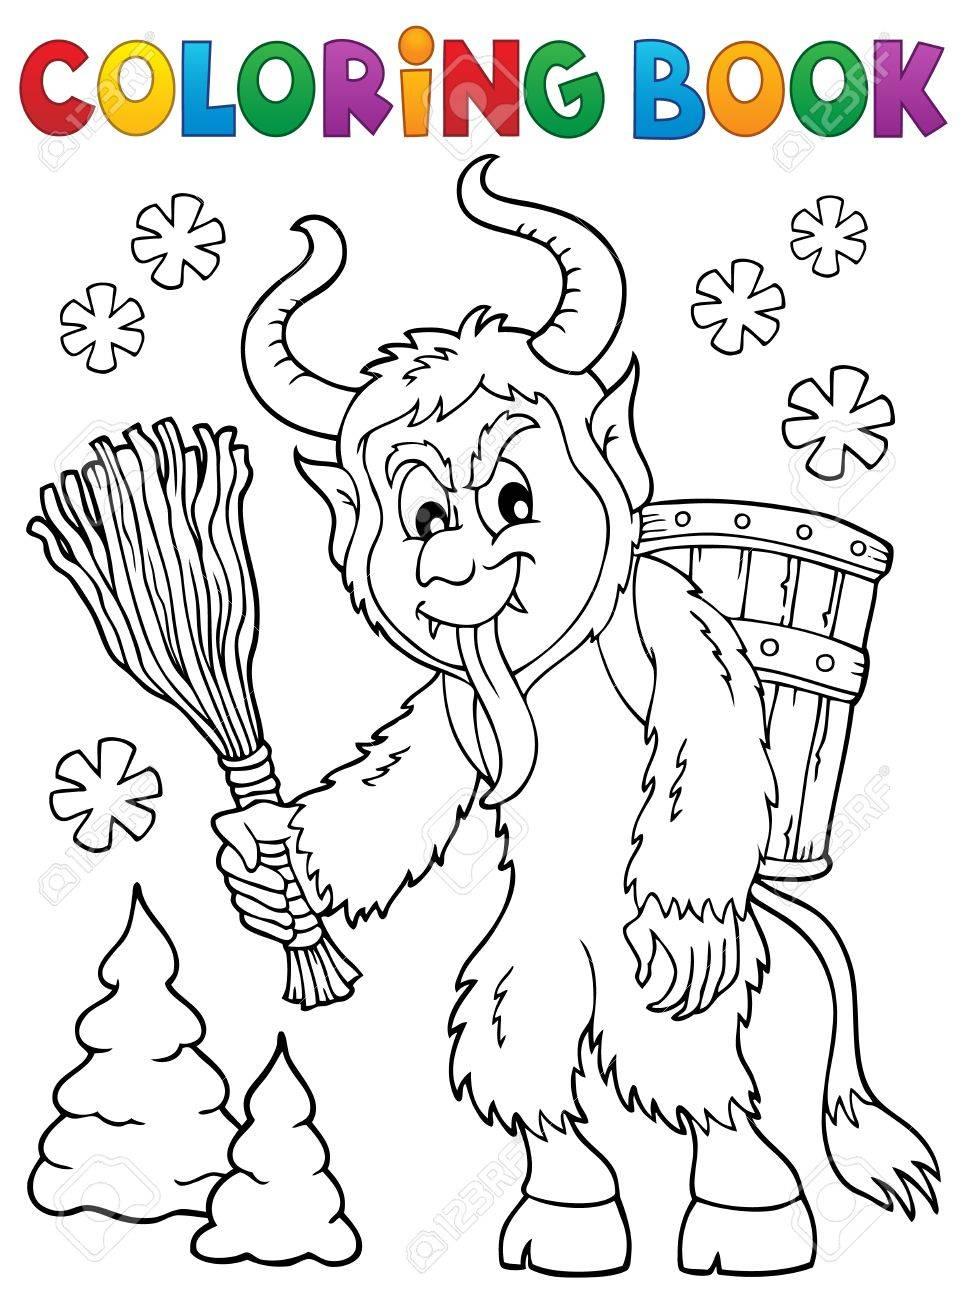 Coloring book Krampus theme 1.